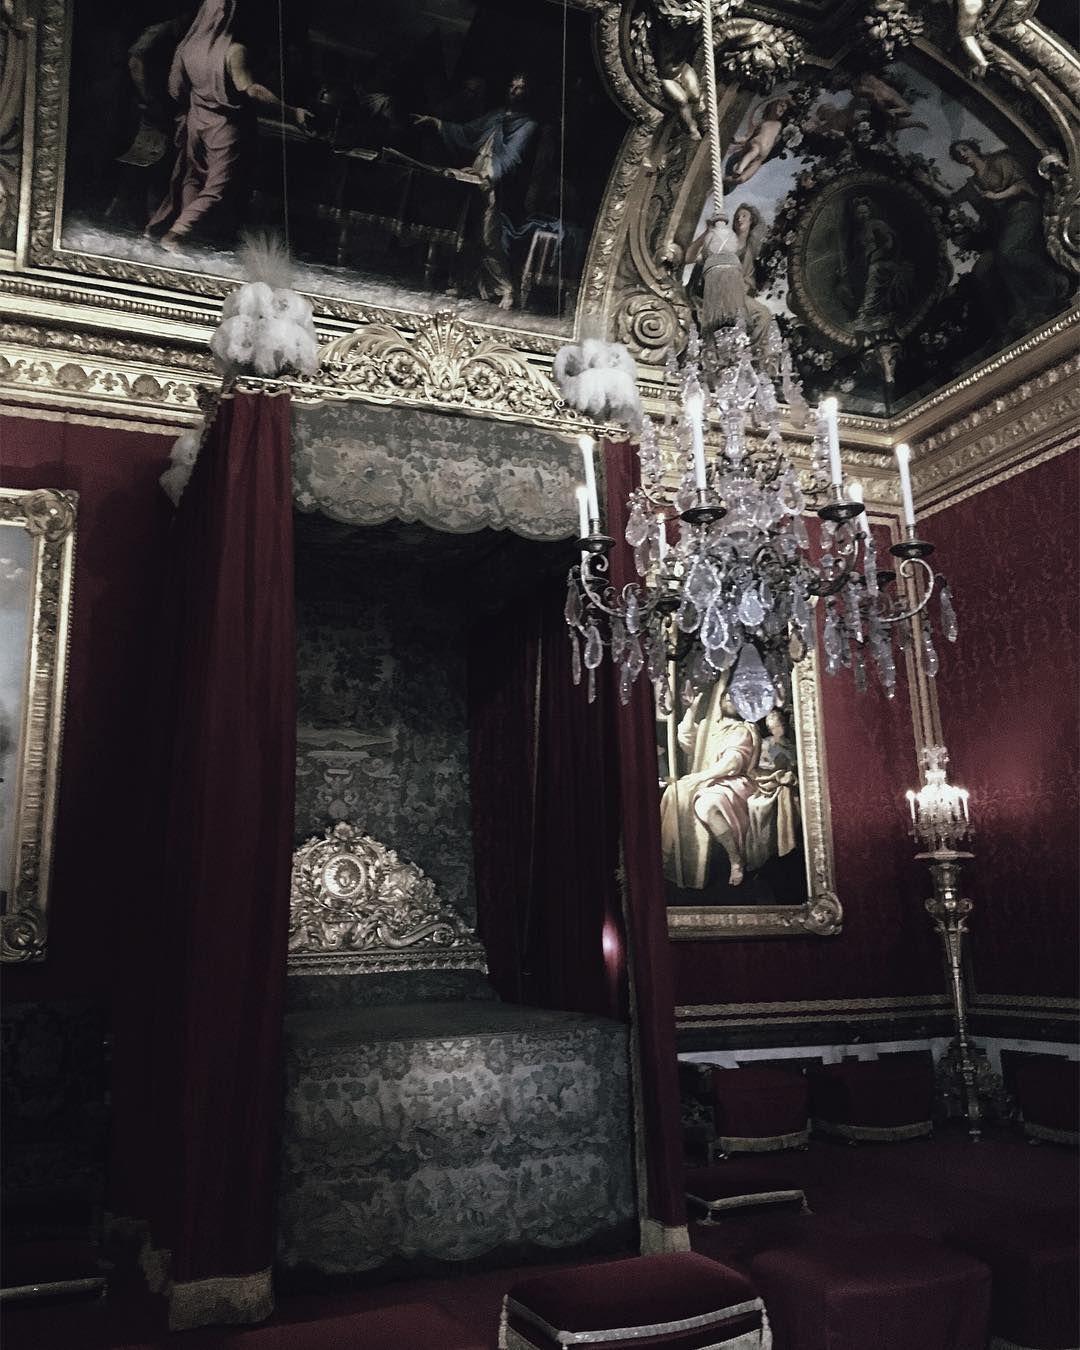 Dark hallway wallpaper  Aviv Grimm grimvr no Instagram ucDaydreamingud  Decoração Dark